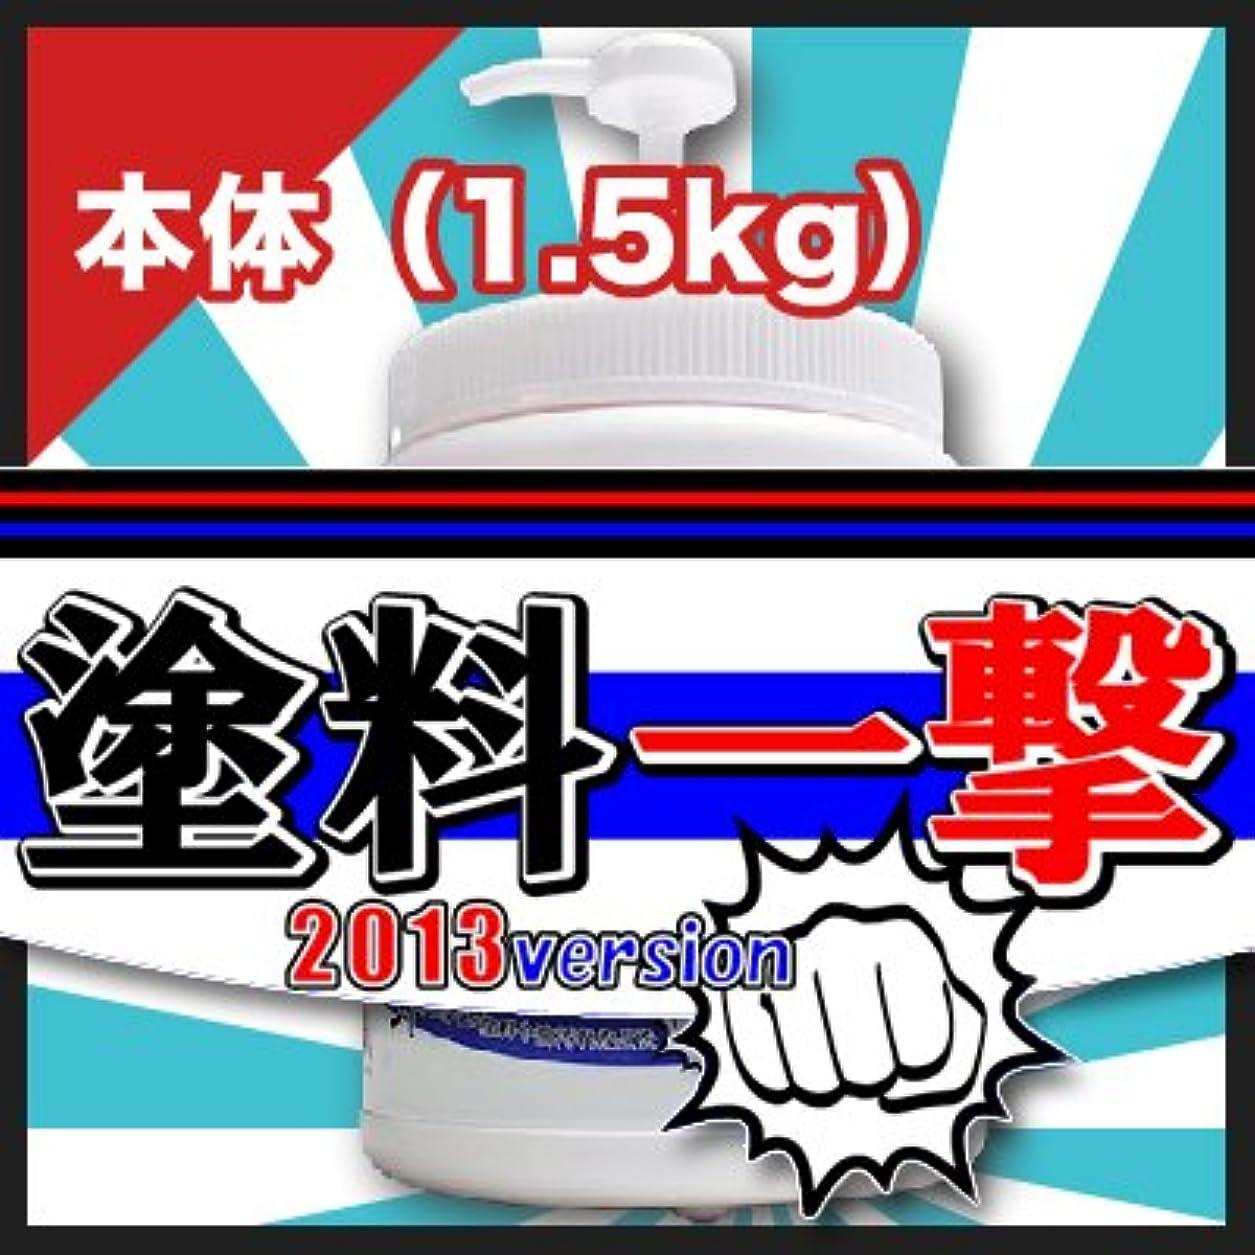 心理的艦隊アジャD.Iプランニング 塗料一撃 2013 Version 本体 (1.5kg)